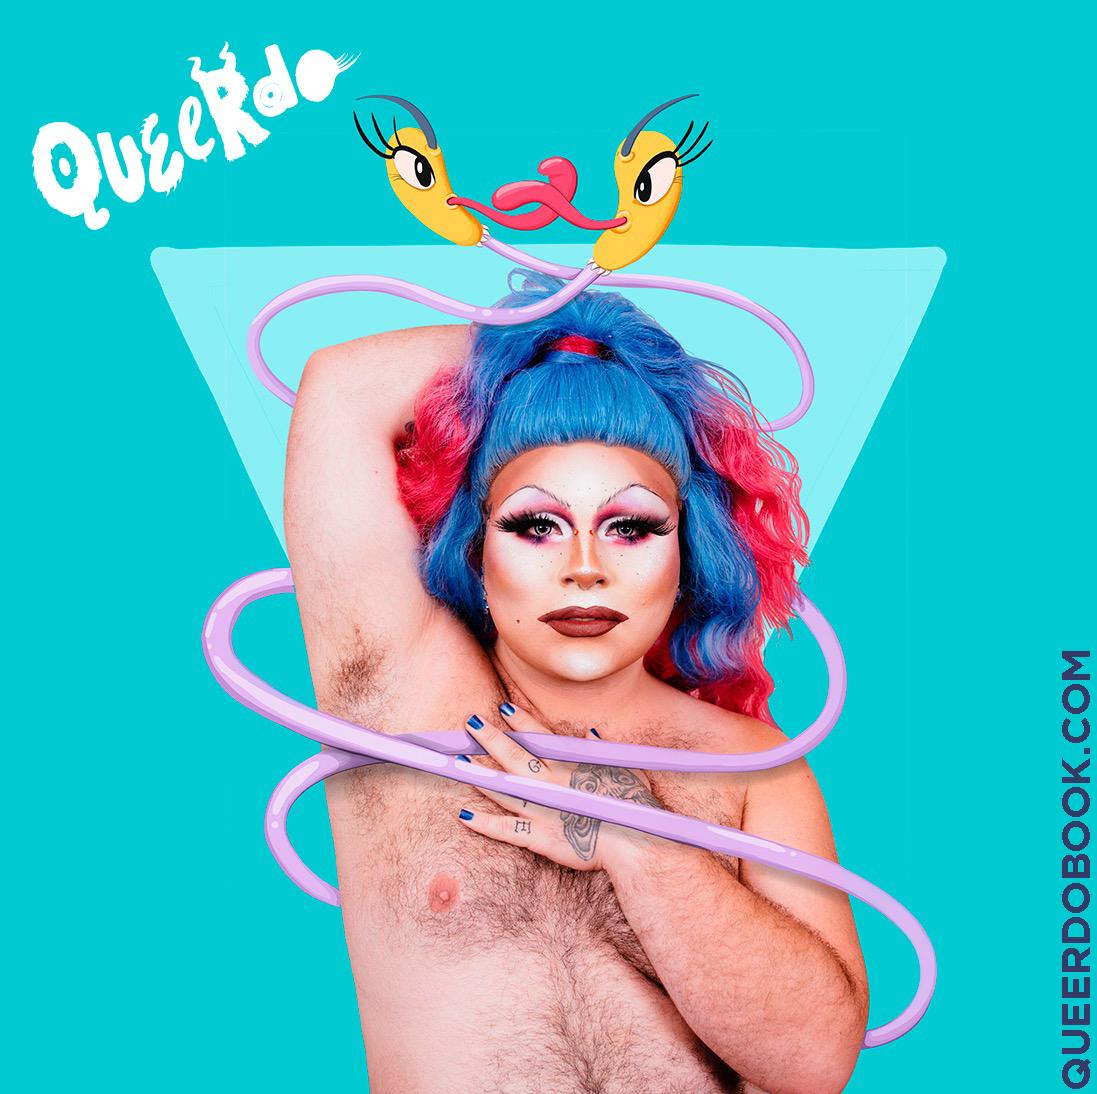 queerdo queer bodies 5